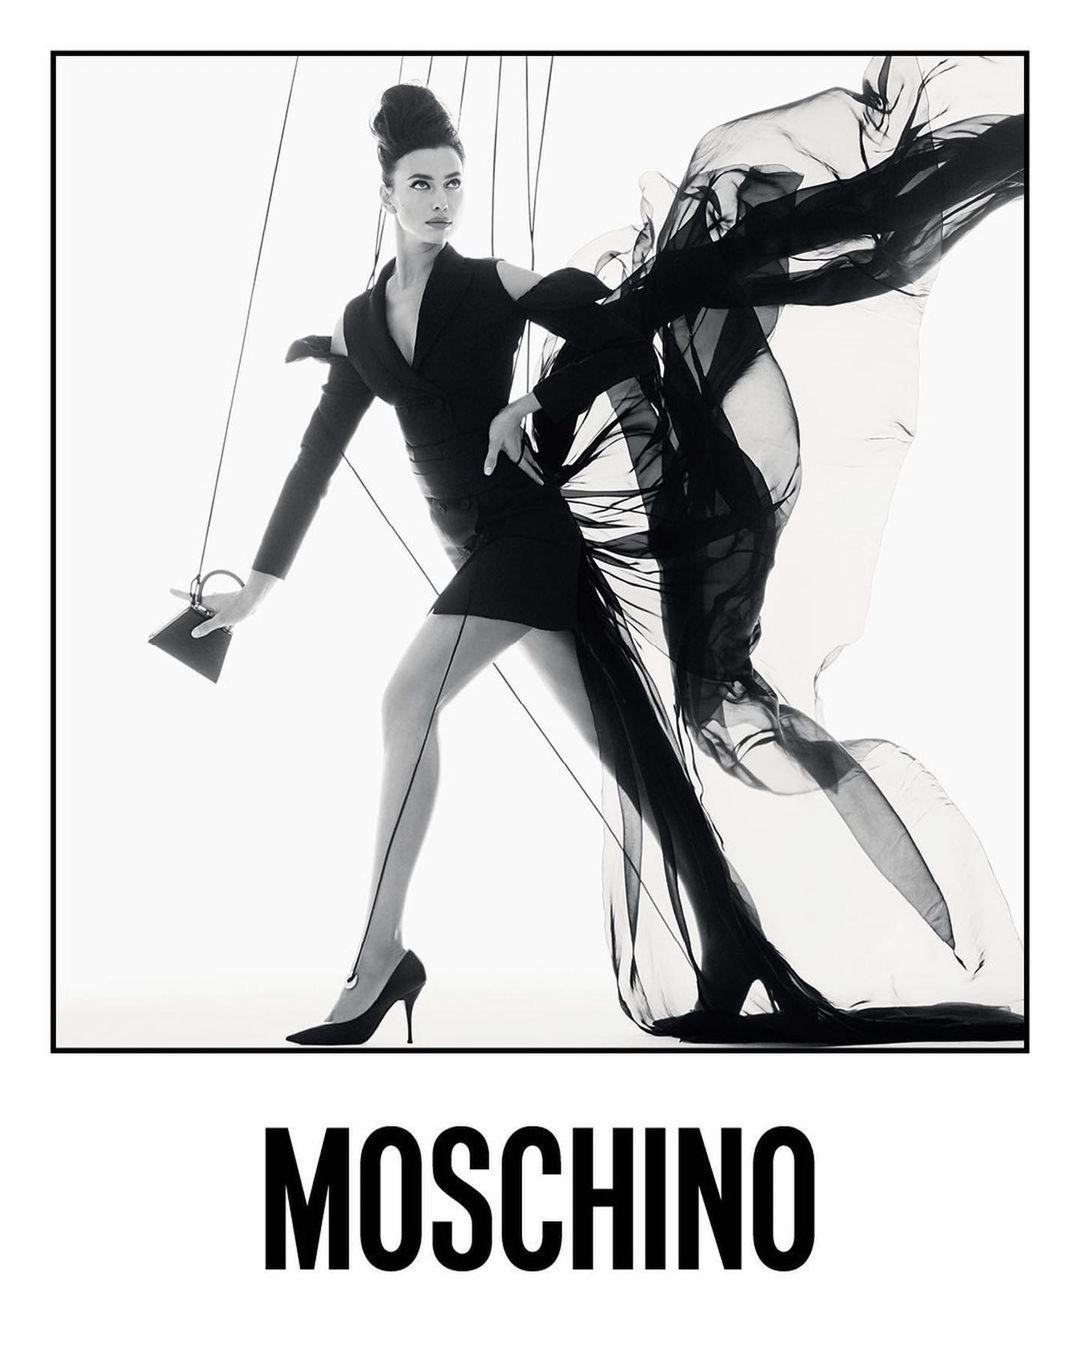 Ирина Шейк и Белла Хадид превратились в марионеток в новой рекламе Moschino (ФОТО) - фото №2